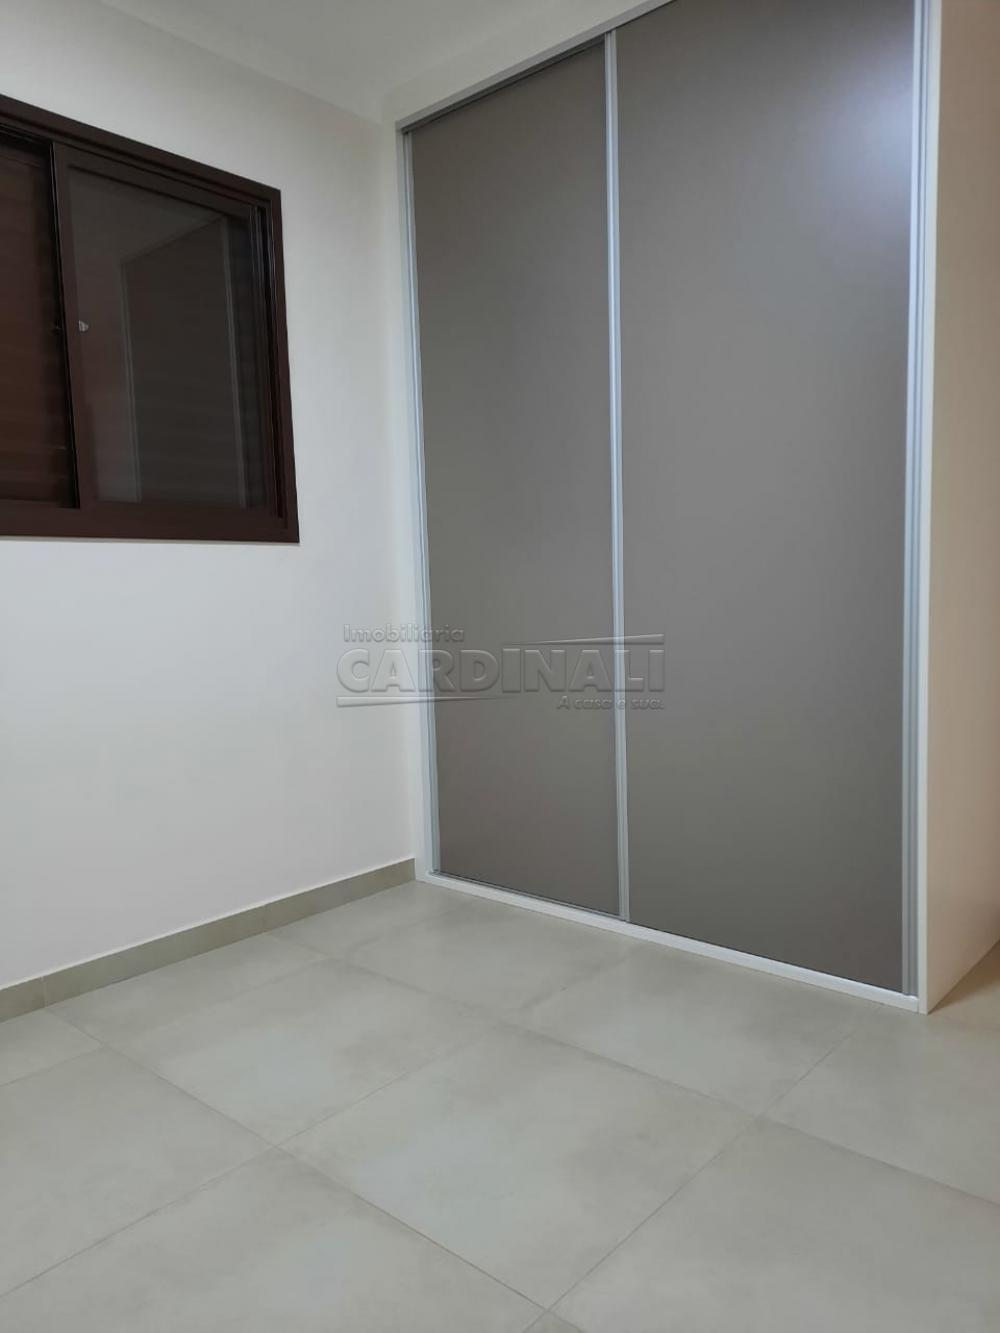 Alugar Apartamento / Padrão em São Carlos R$ 1.800,00 - Foto 26